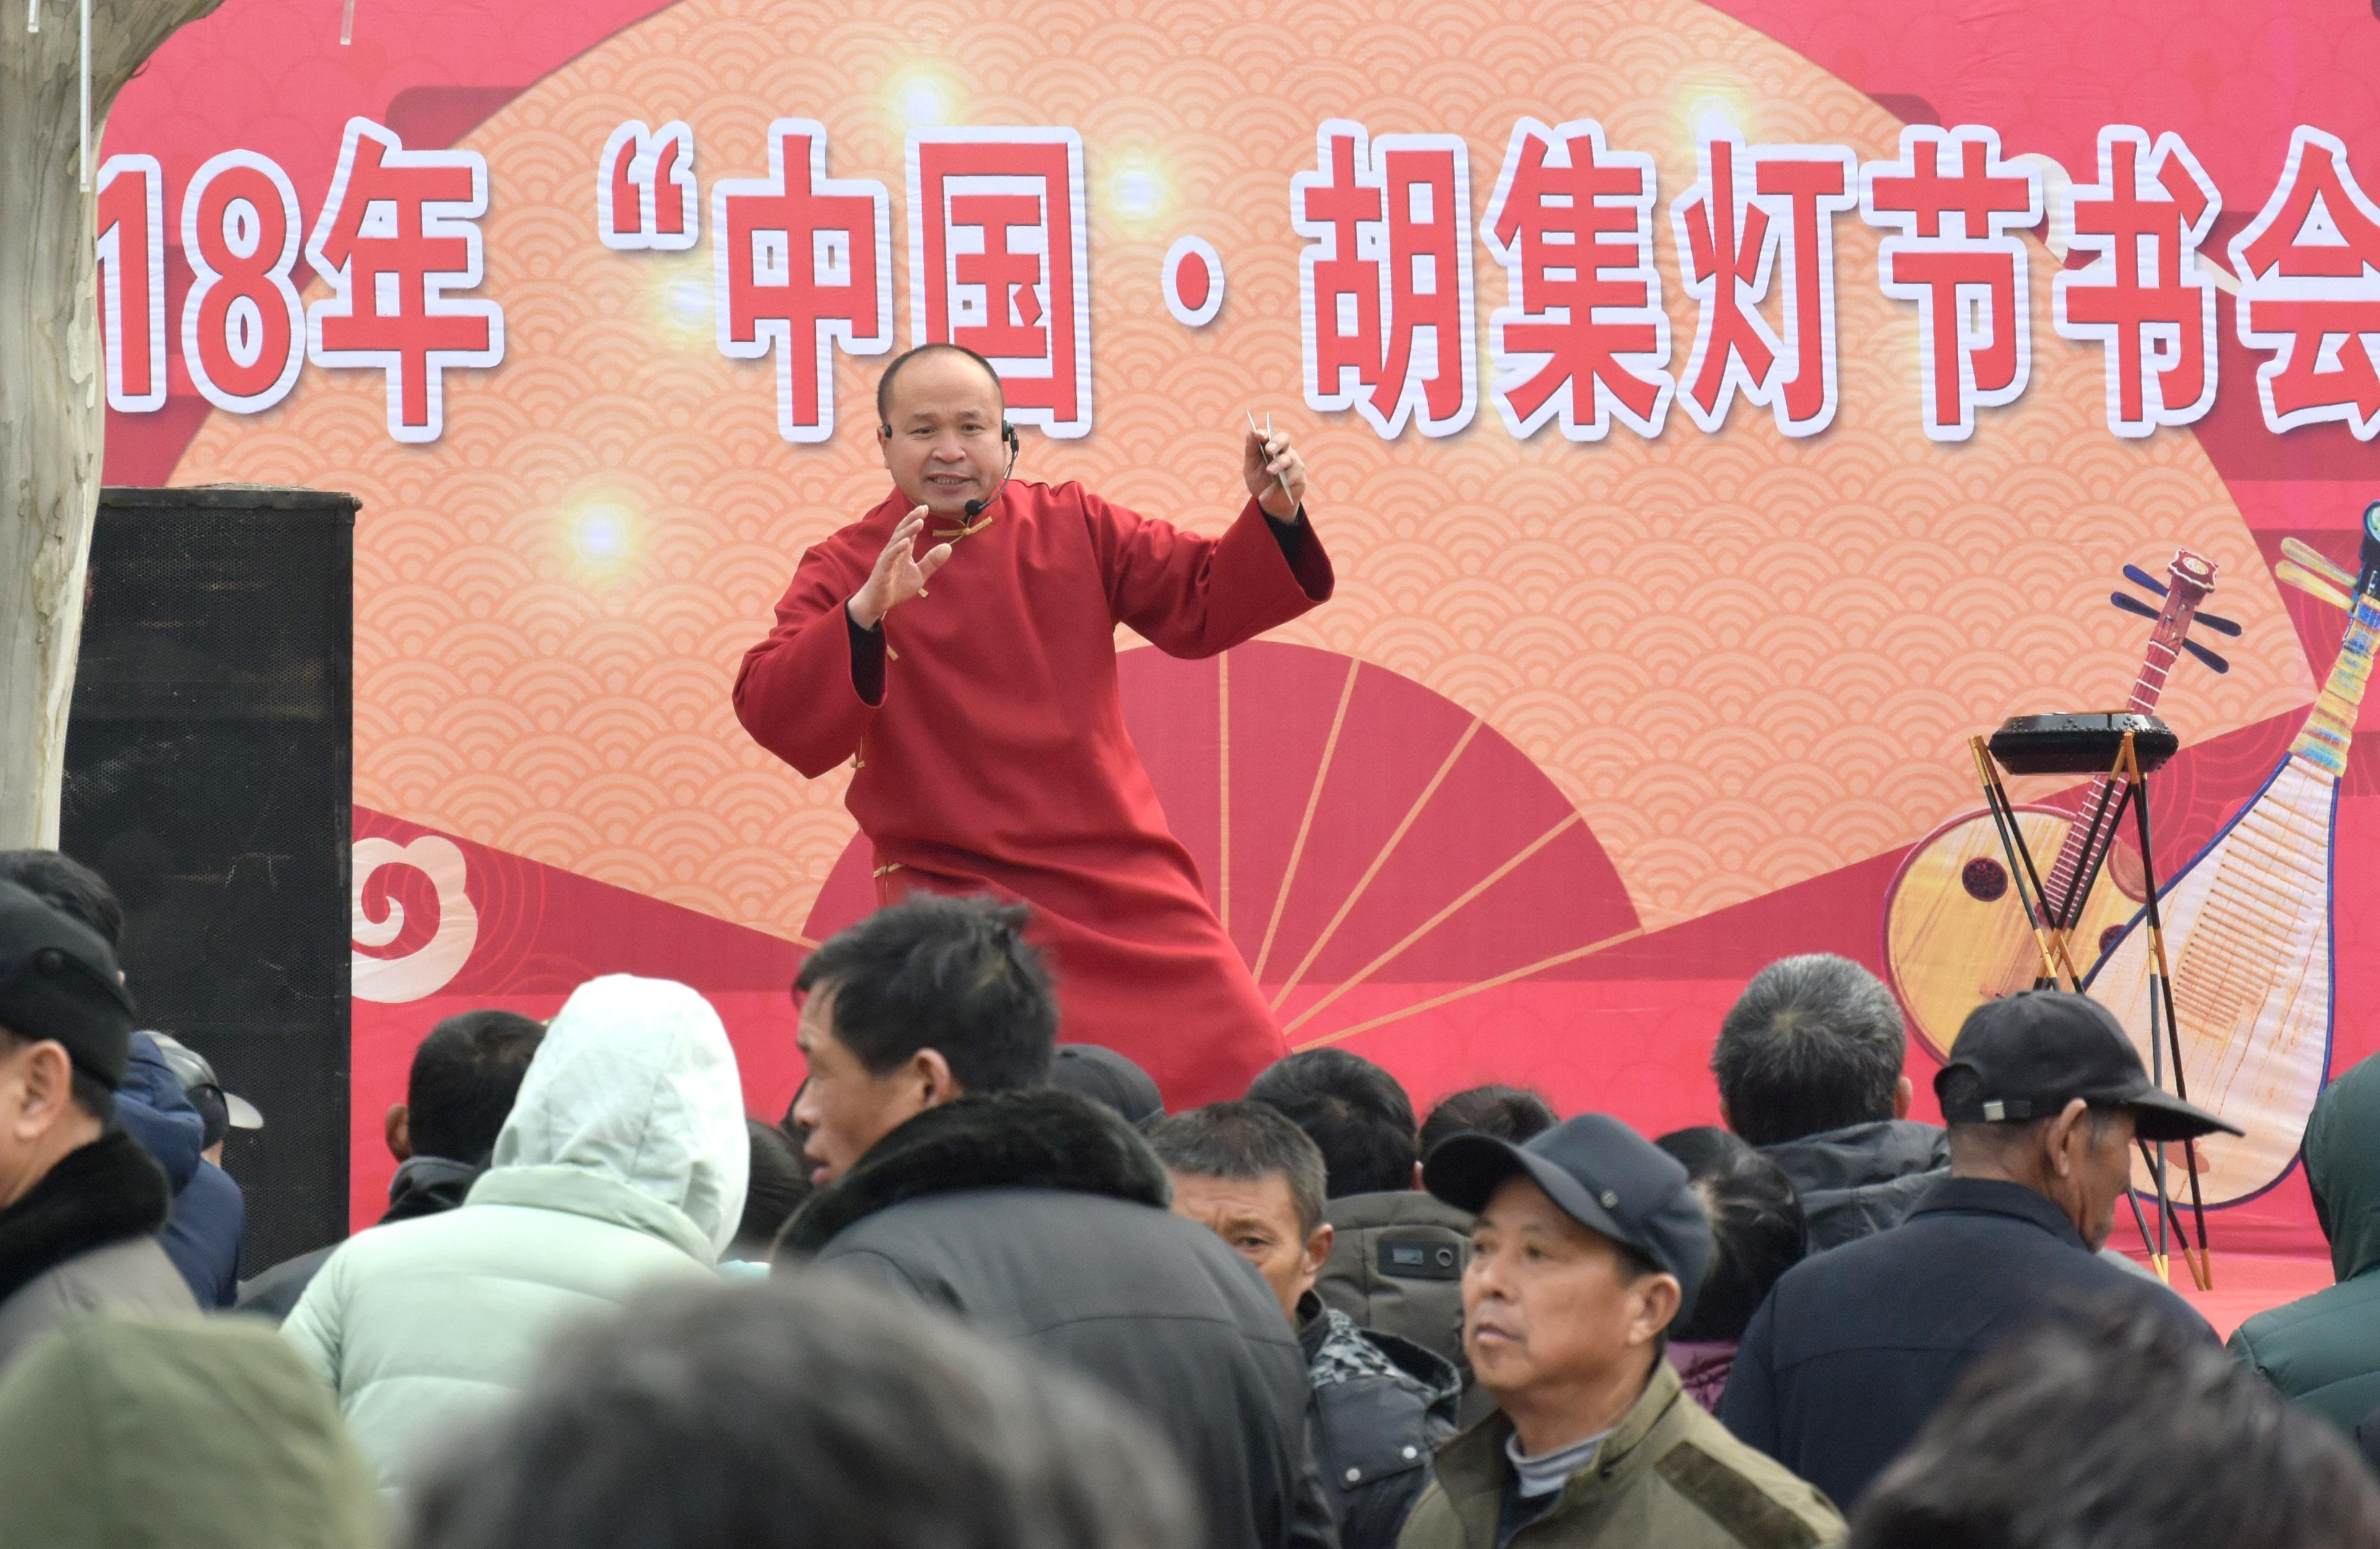 山东:胡集书会红红火火